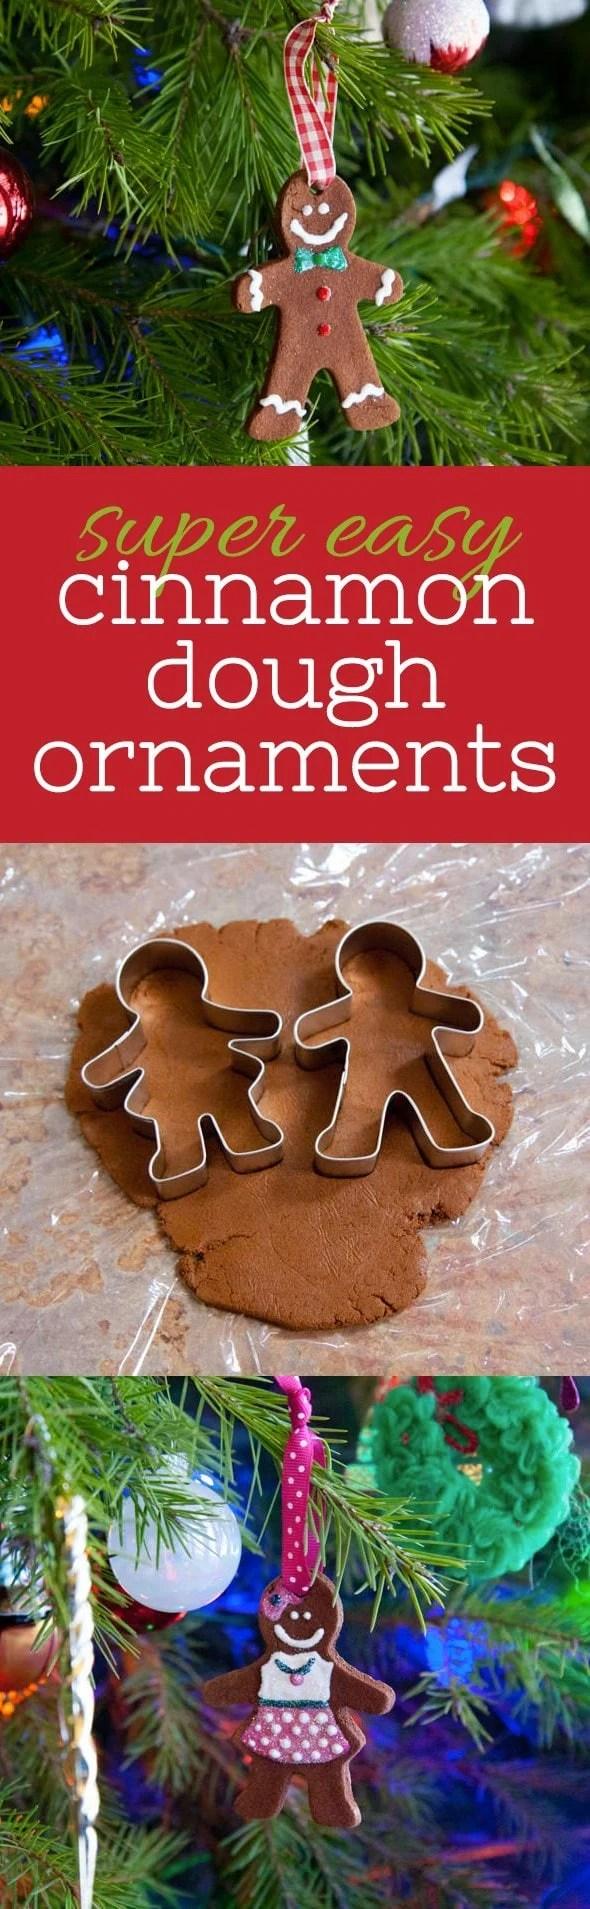 Super Easy Cinnamon Dough Ornaments